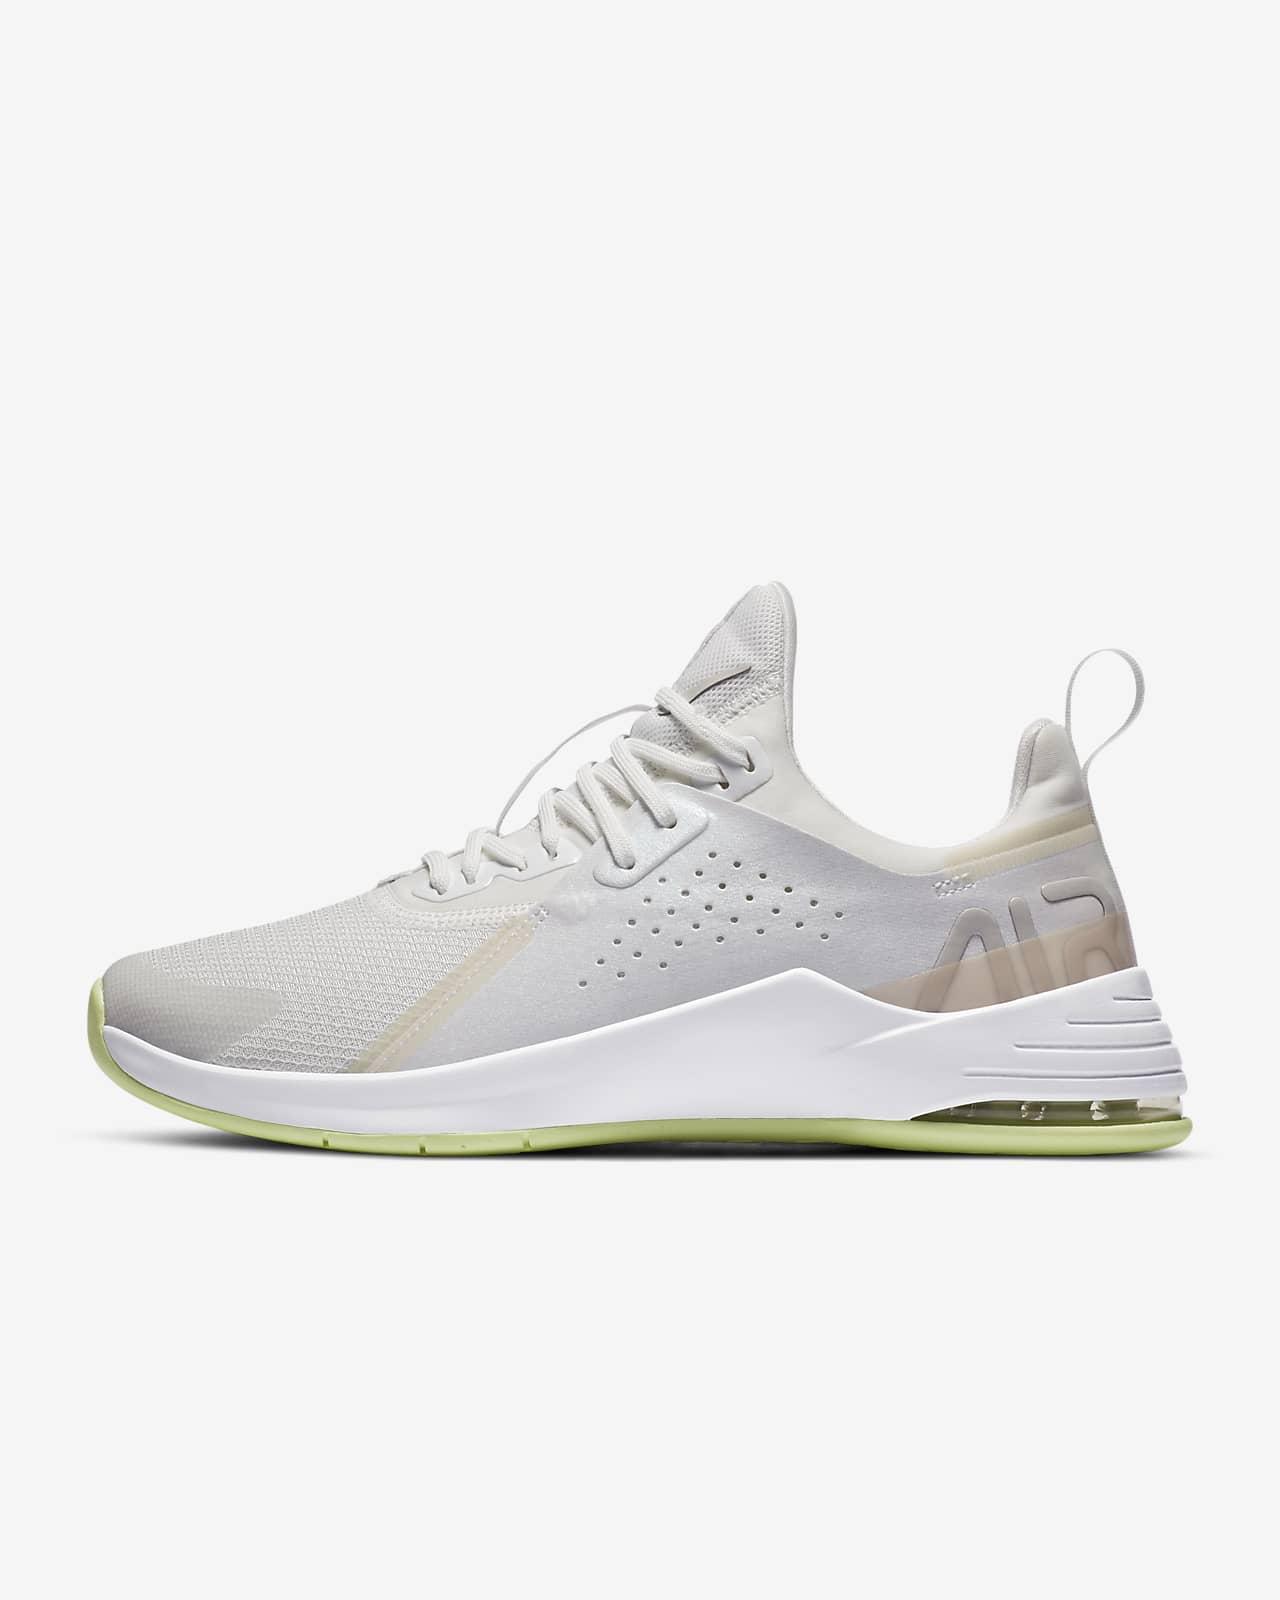 Nike Air Max Bella TR 3 Premium Women's